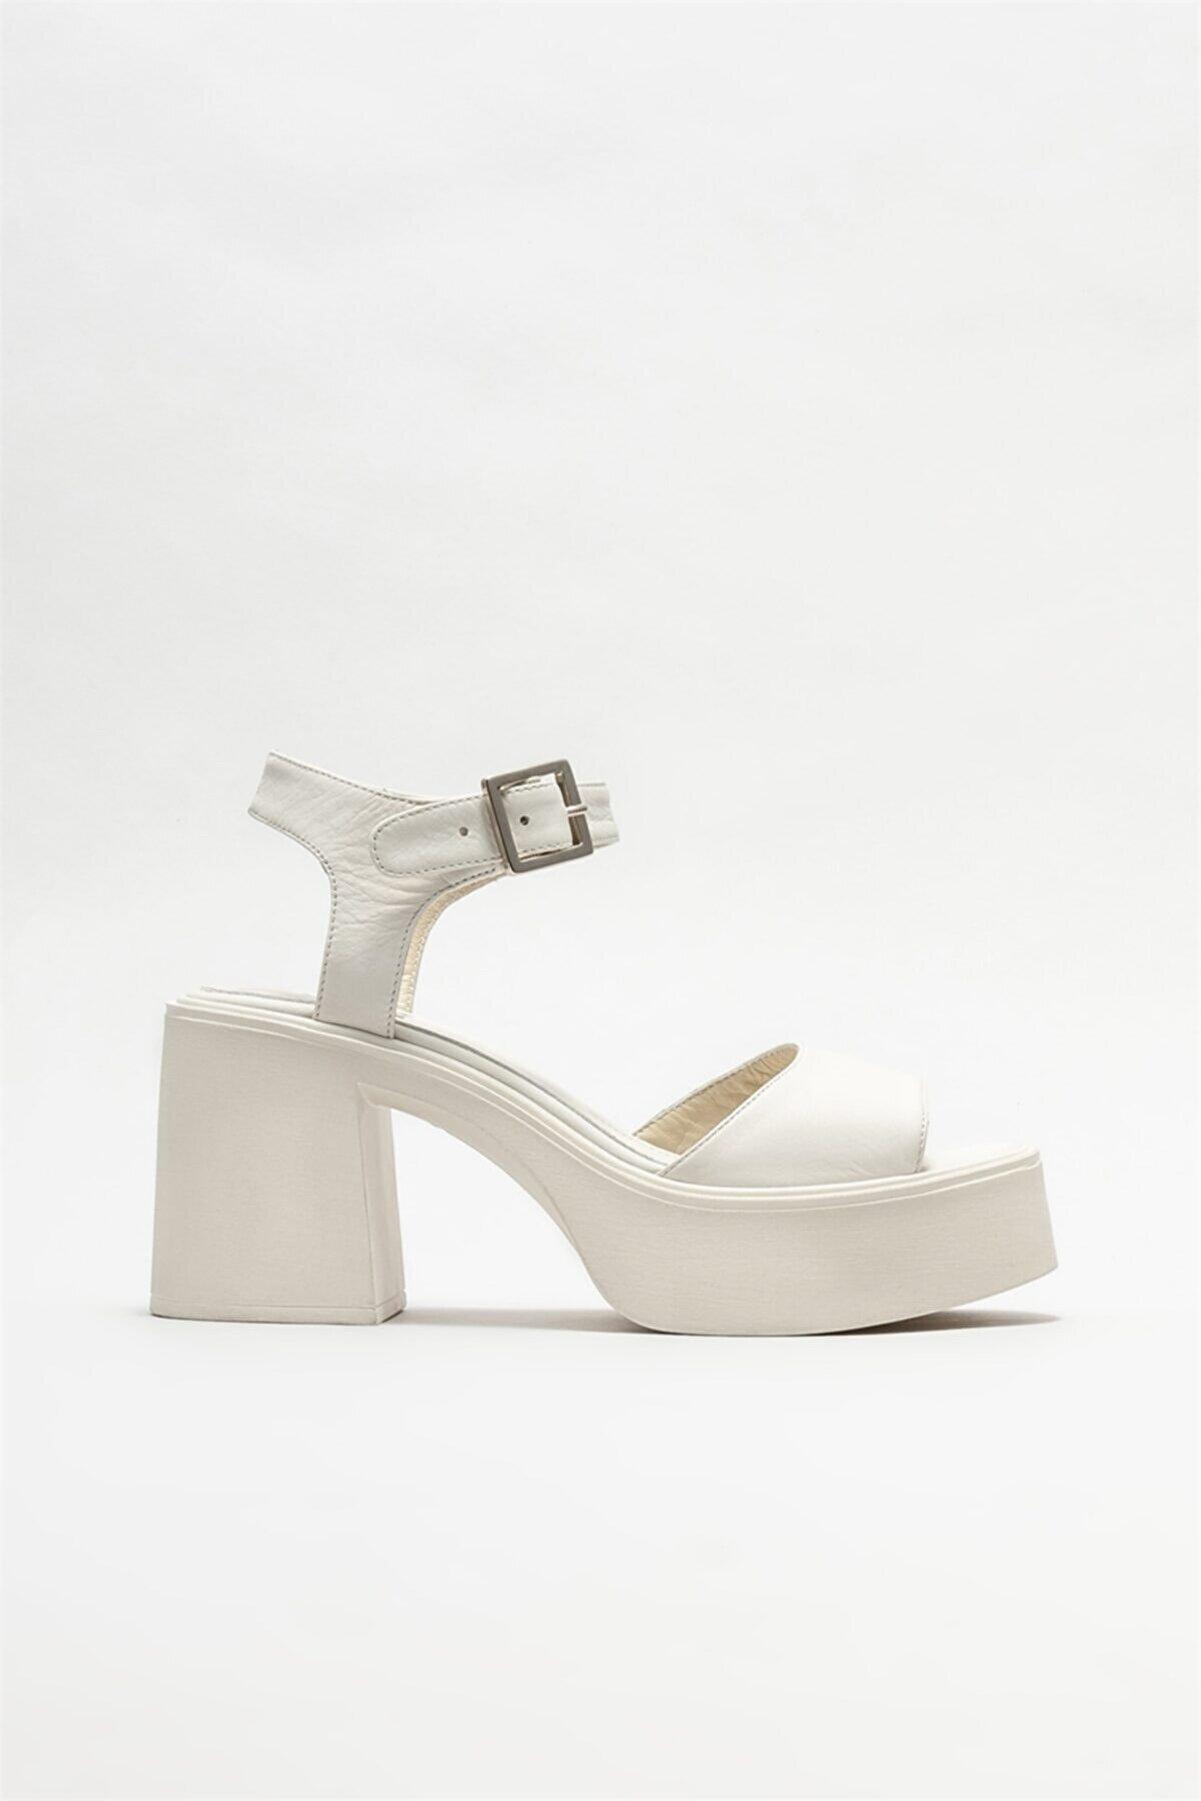 Elle Kadın Bej Deri Topuklu Sandalet